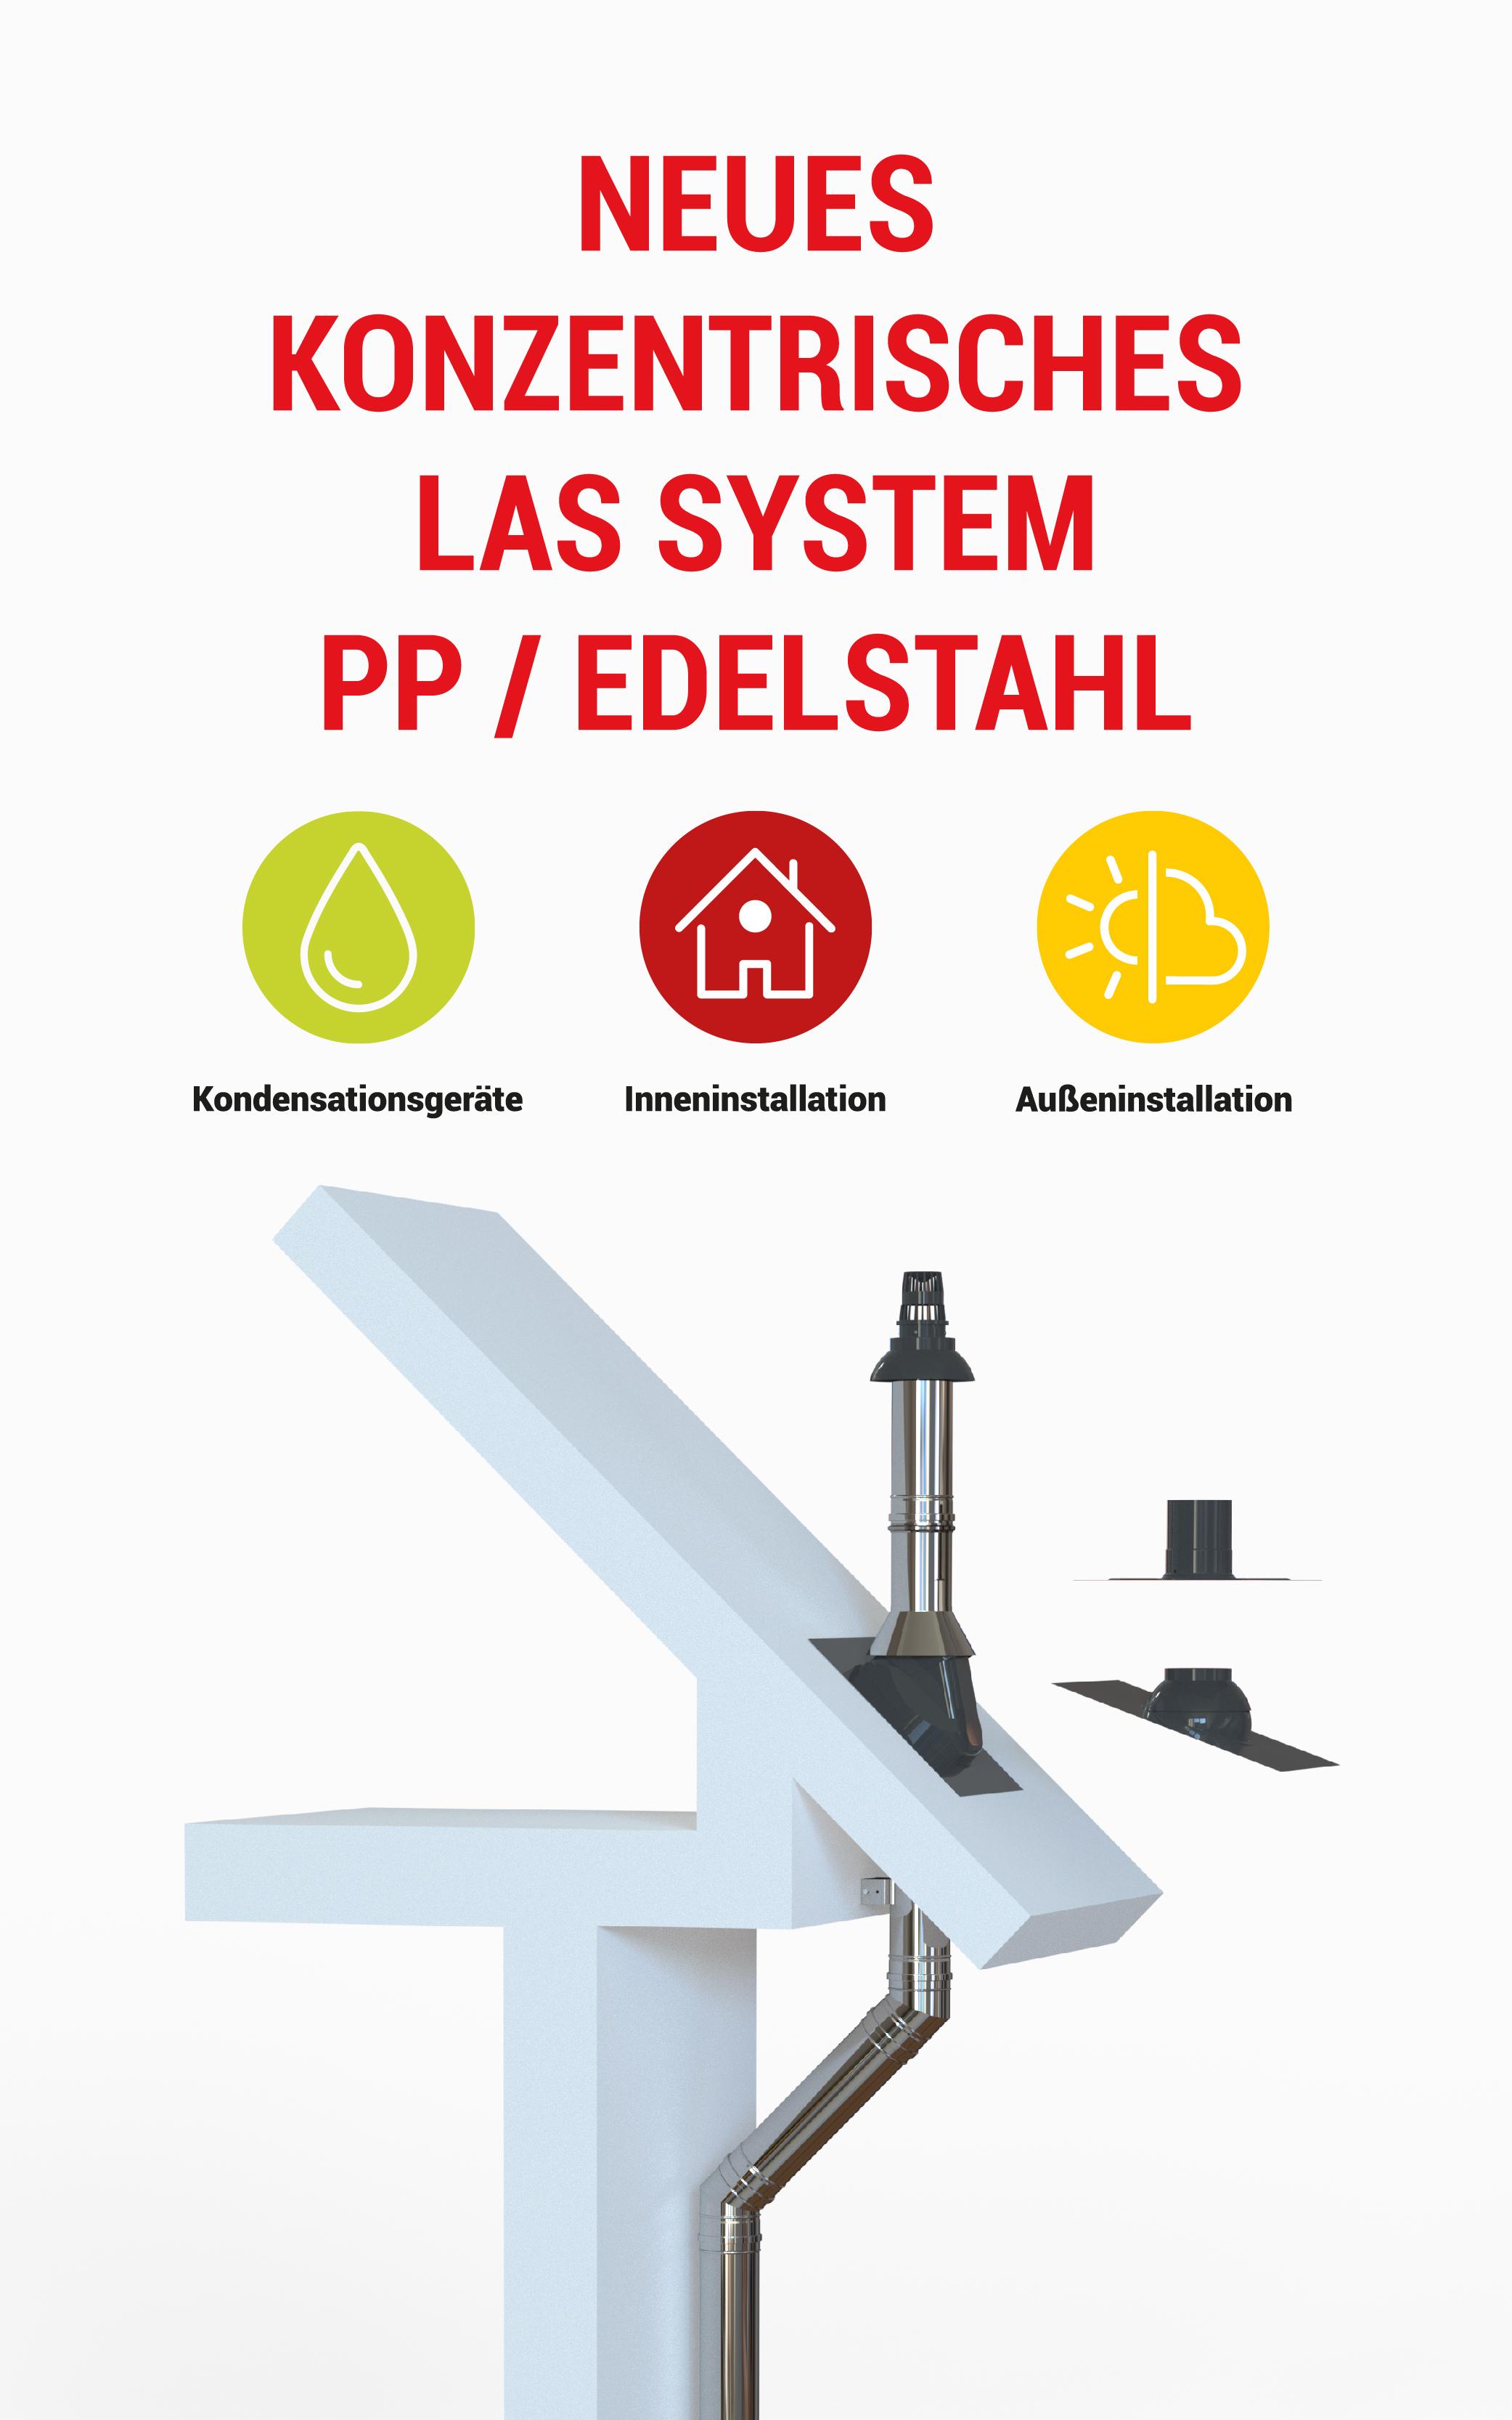 NEUES KONZENTRISCHES LAS SYSTEM PP / EDELSTAHL